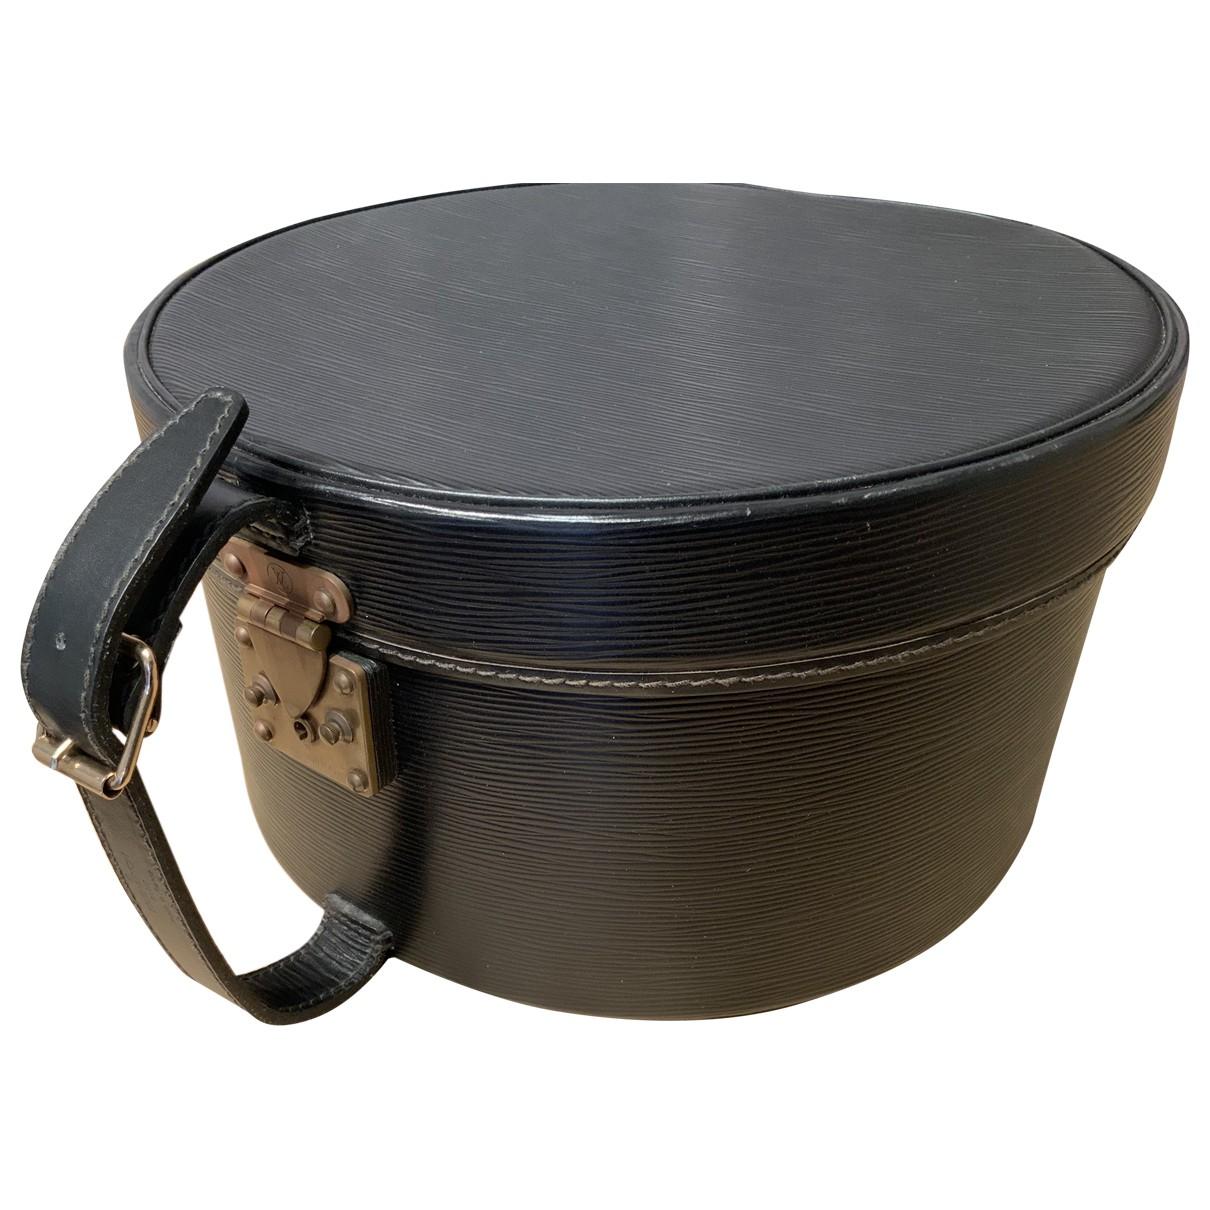 Objeto de decoracion Boite a Chapeaux de Cuero Louis Vuitton